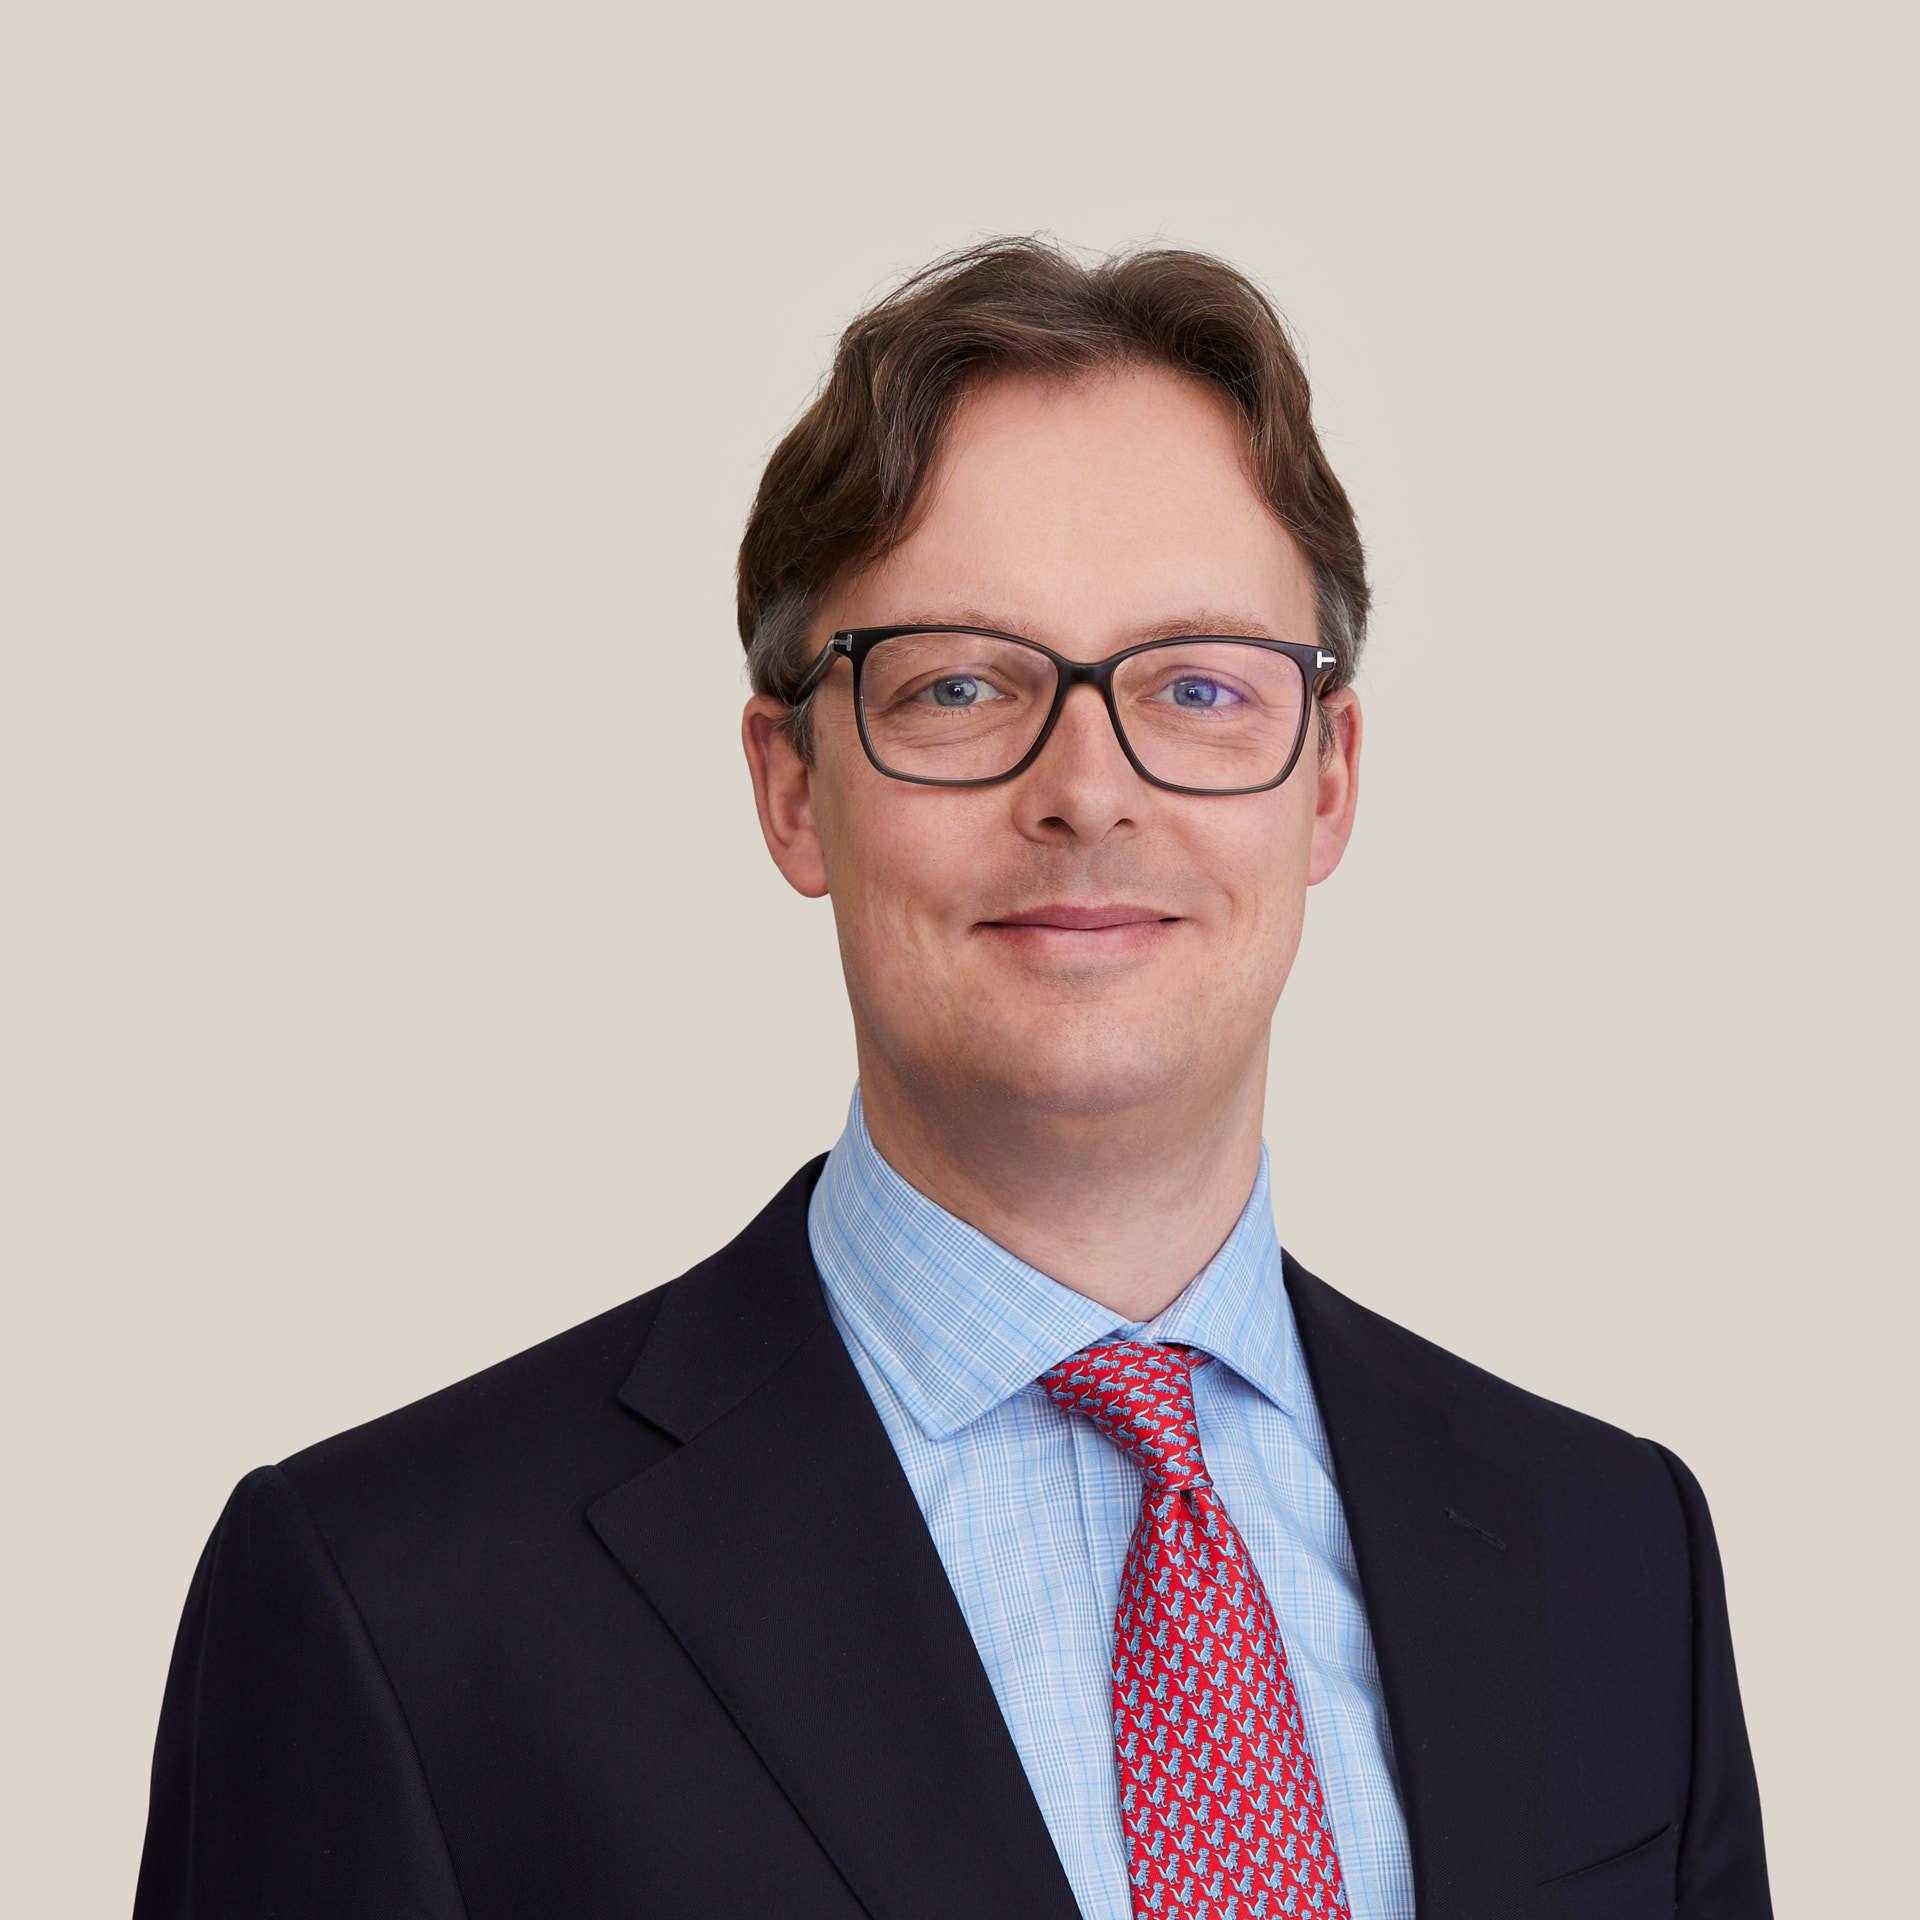 Dennis Horeman